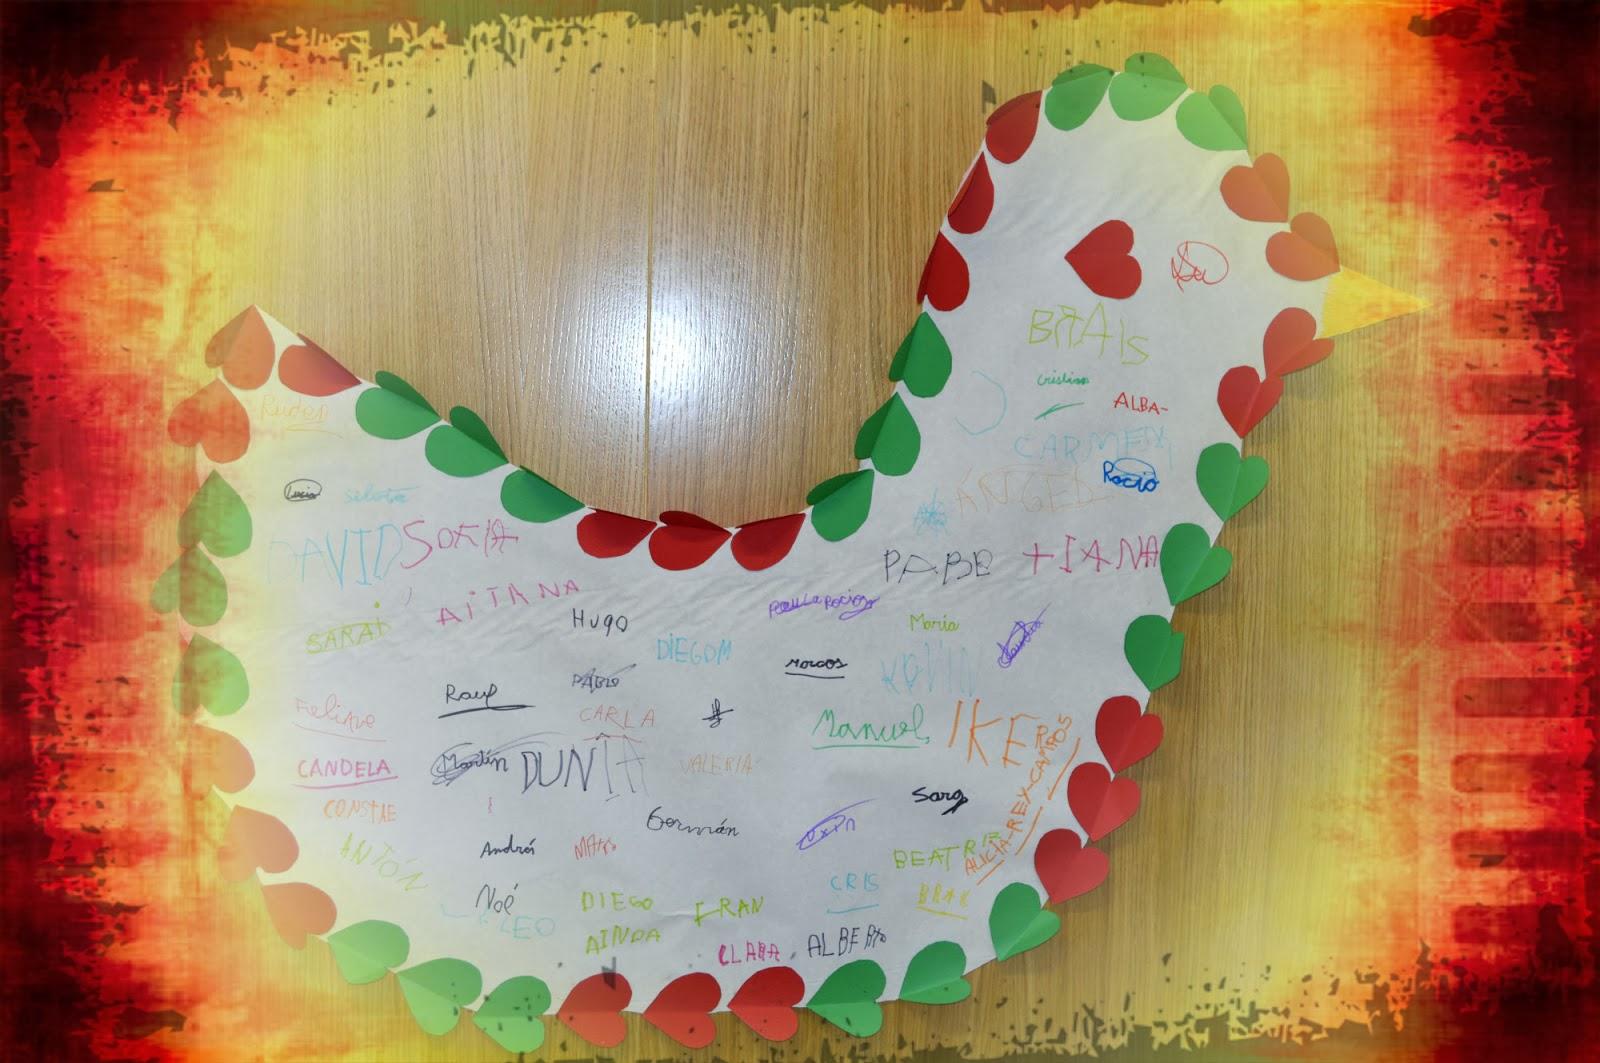 http://arxineando.wordpress.com/2014/02/02/celebracion-do-dia-escolar-da-non-violencia-e-a-paz/